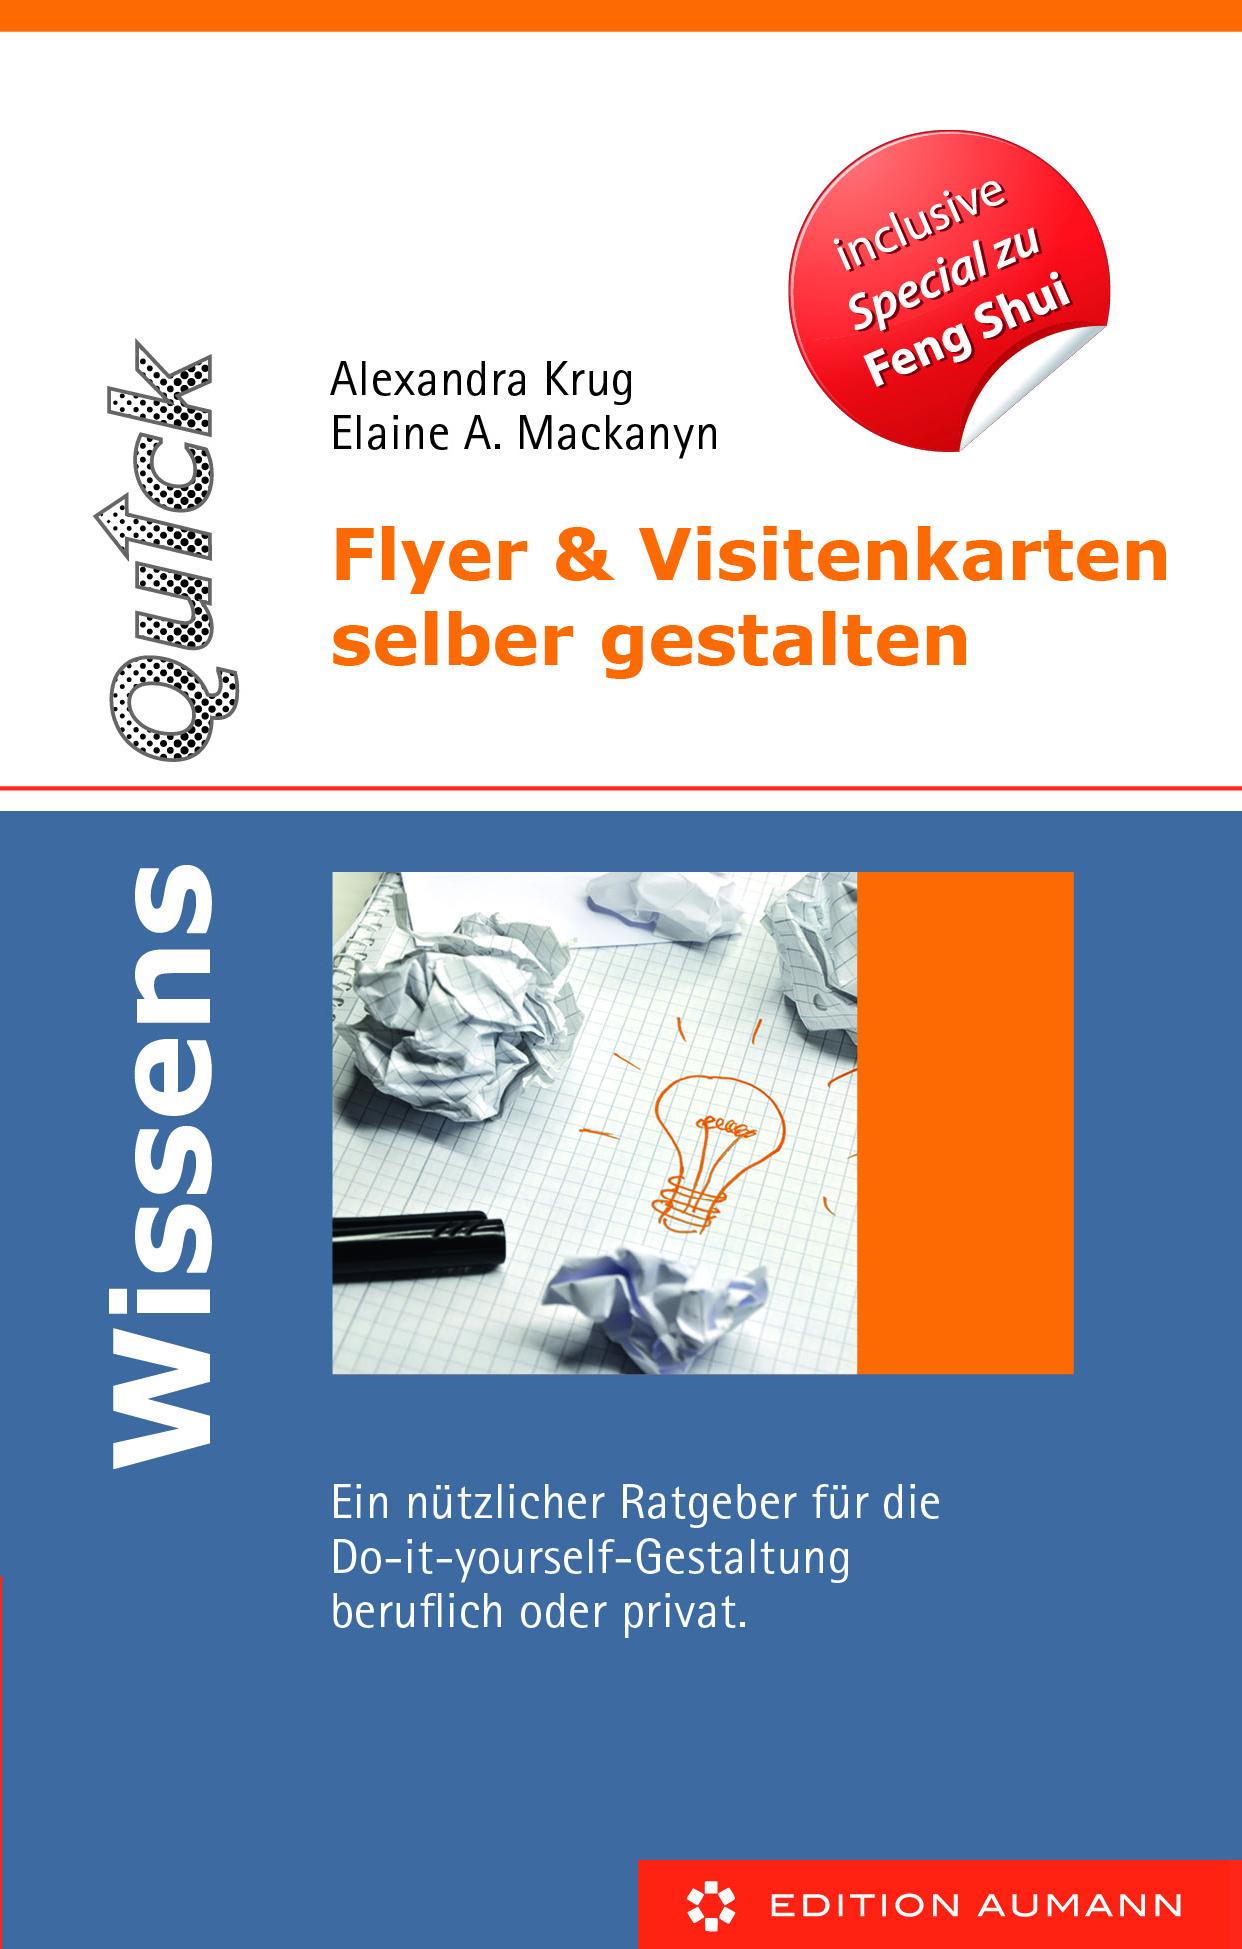 Wissensquick Flyer Und Visitenkarten Selber Gestalten Alexandra Krug Elaine A Mackanyn E Book